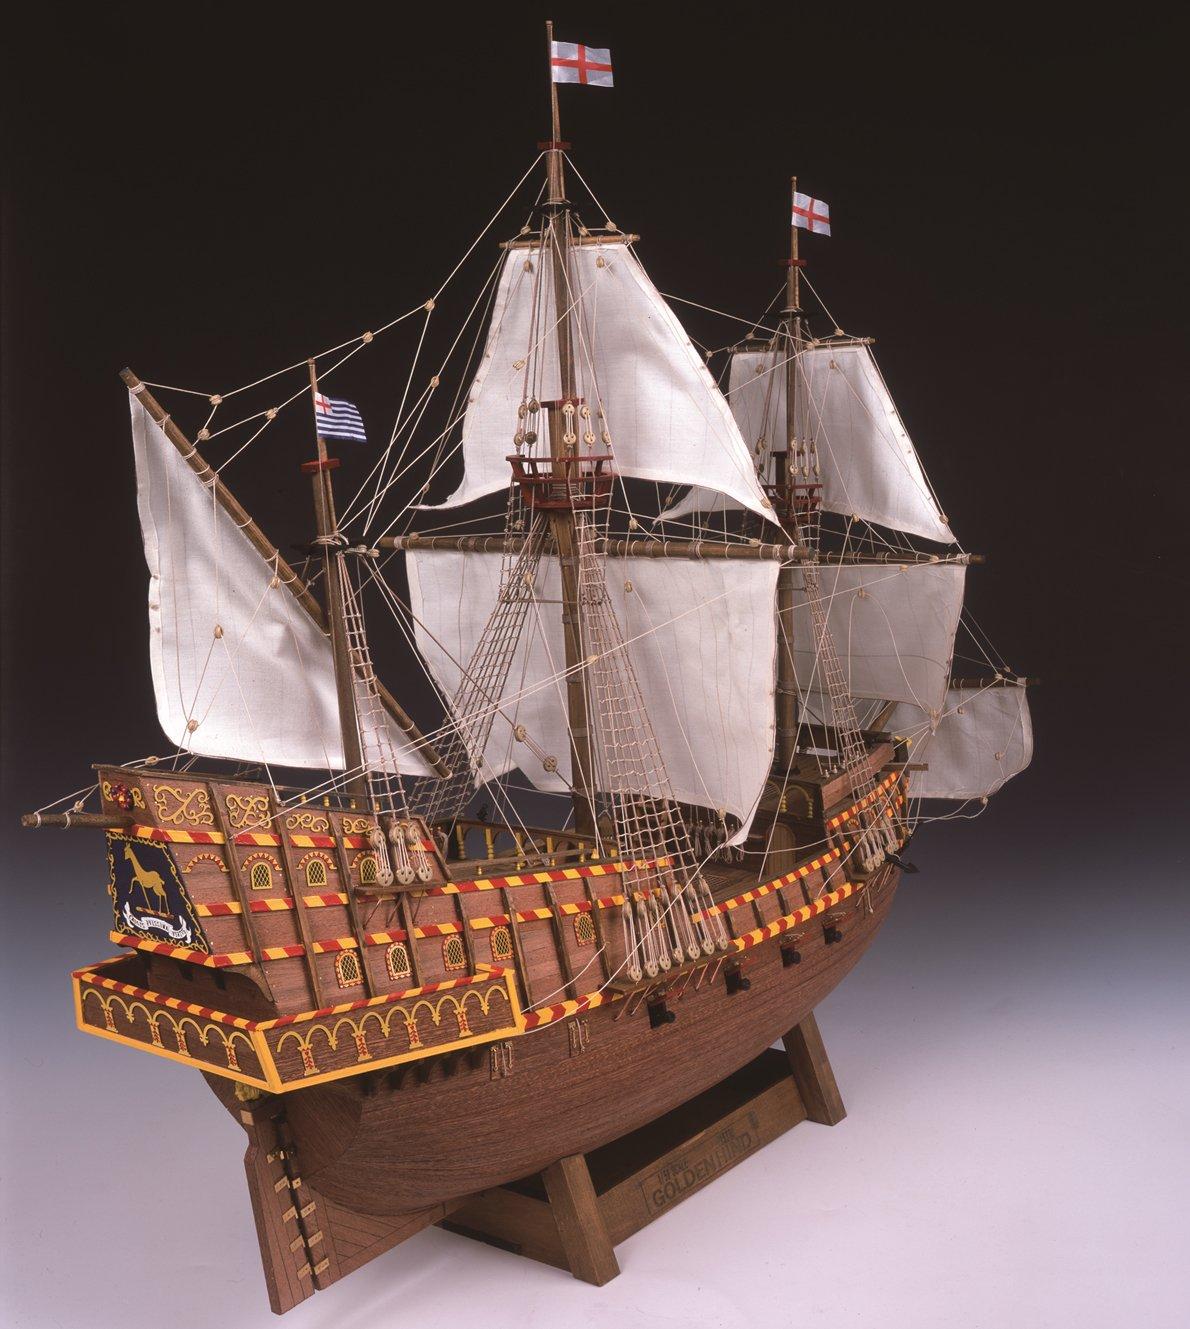 木製帆船模型 1/50 ゴールデンハインド リニューアル版 ウッディジョー B008CC1UGQ